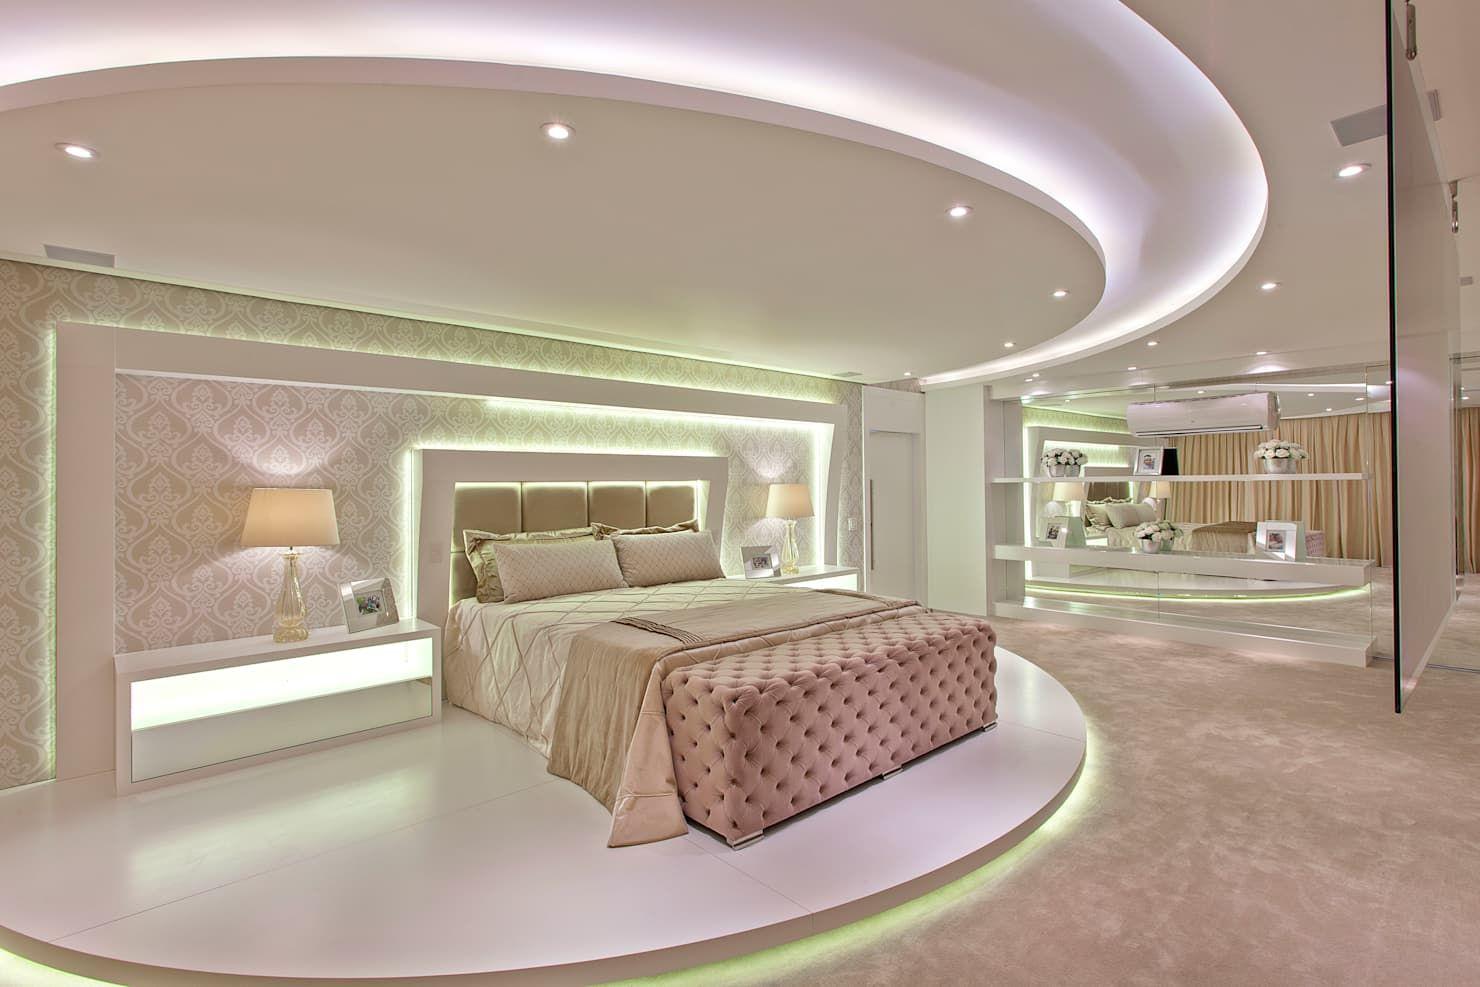 Casa privilége quartos modernos por designer de interiores e paisagista iara kílaris moderno | homify